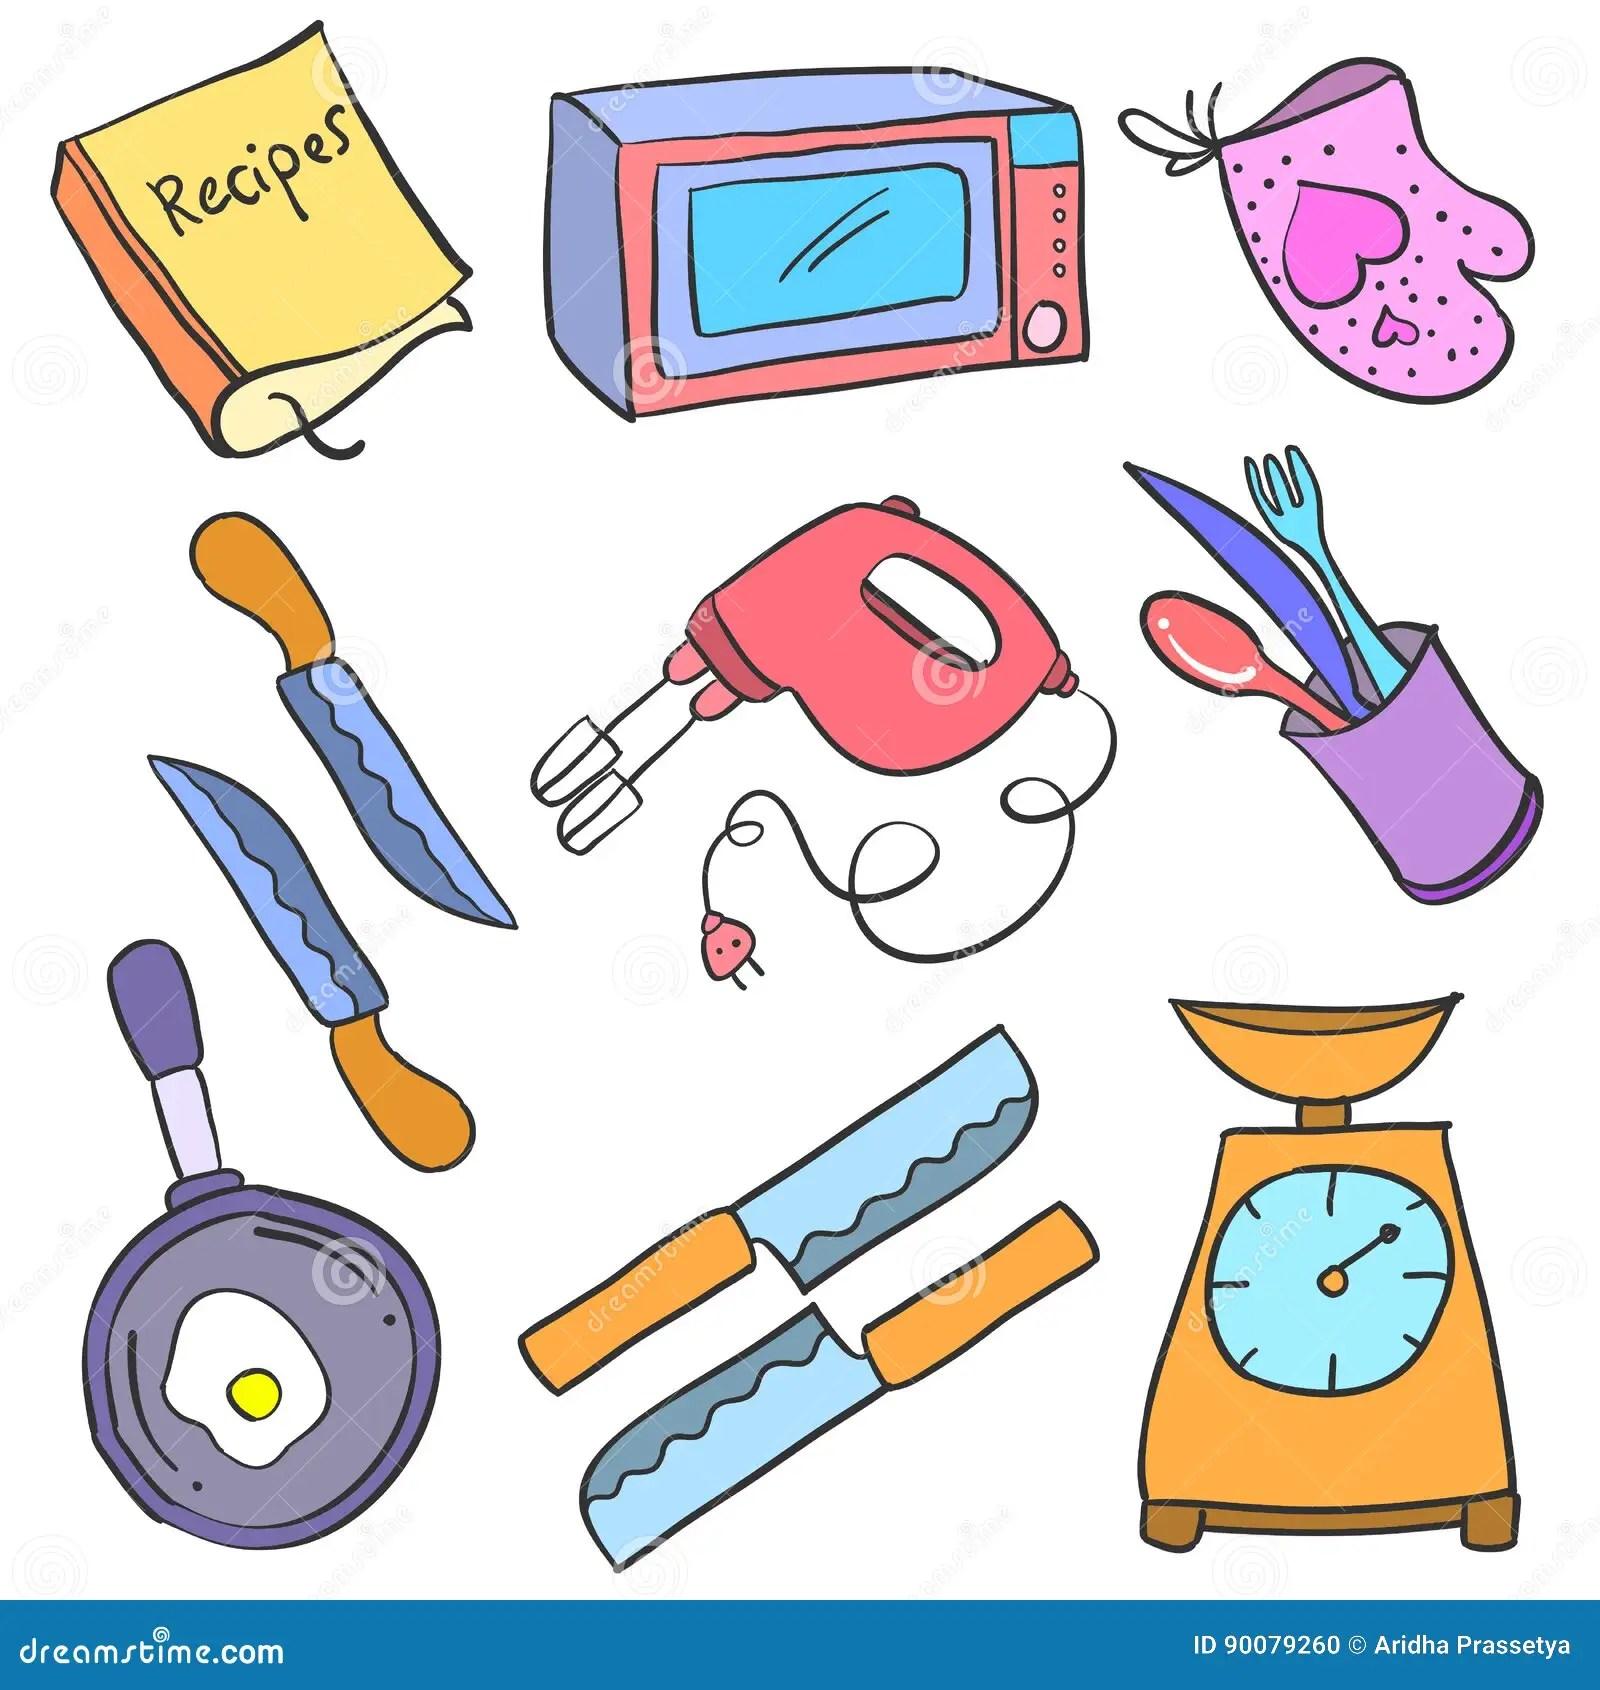 kitchen aid knives pan hanger 汇集储蓄厨房辅助部件乱画向量例证 插画包括有食物 烹调 刀叉餐具 现 汇集储蓄厨房辅助部件乱画